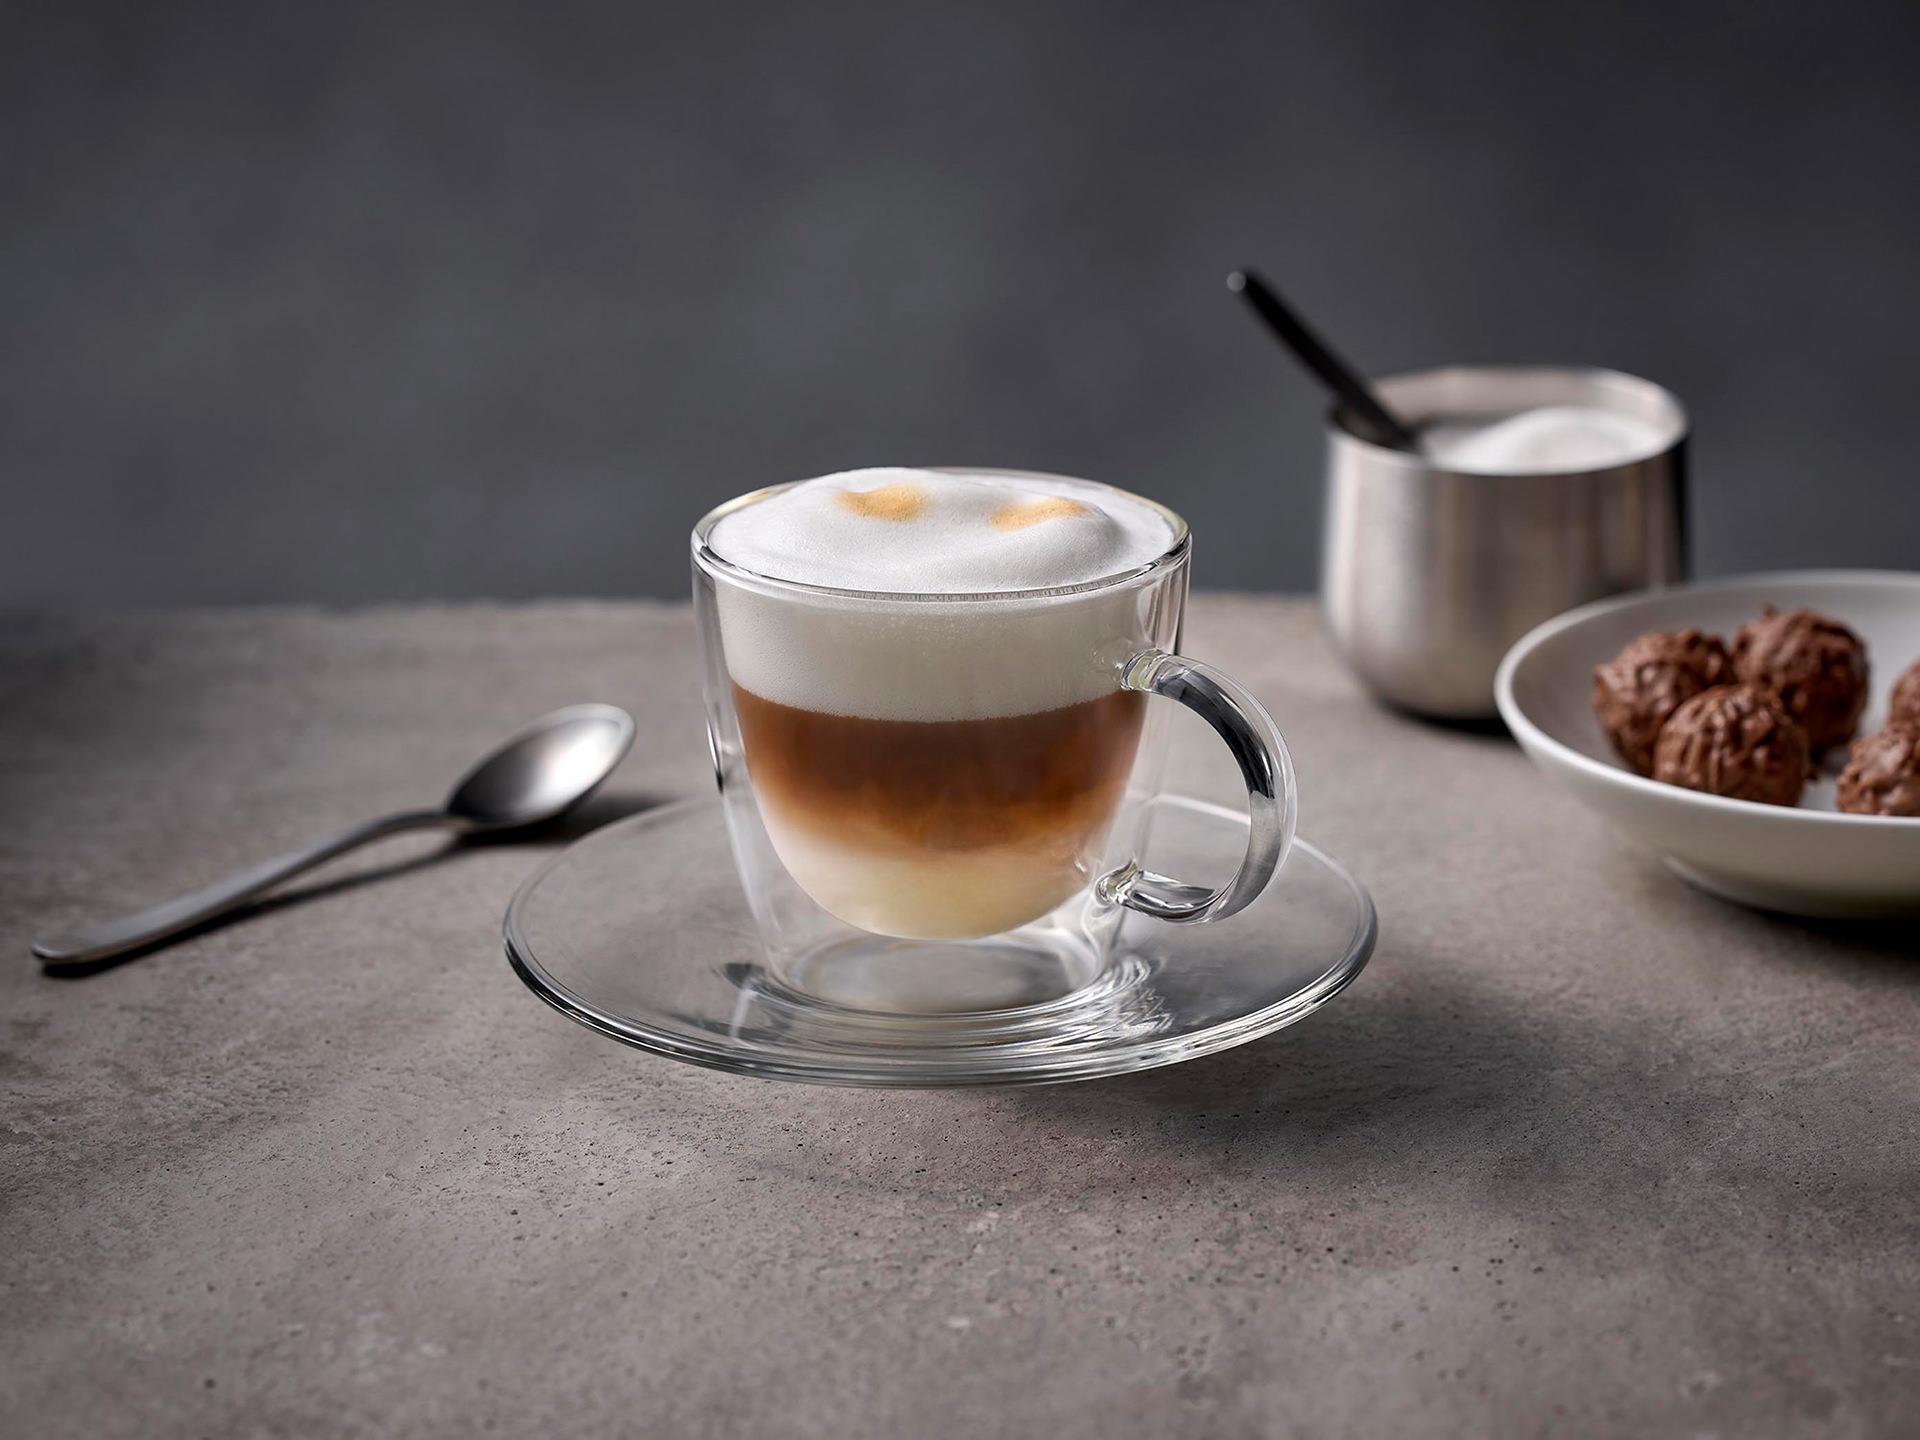 cappuccino-glastasse-milchschaum-clean-siemens